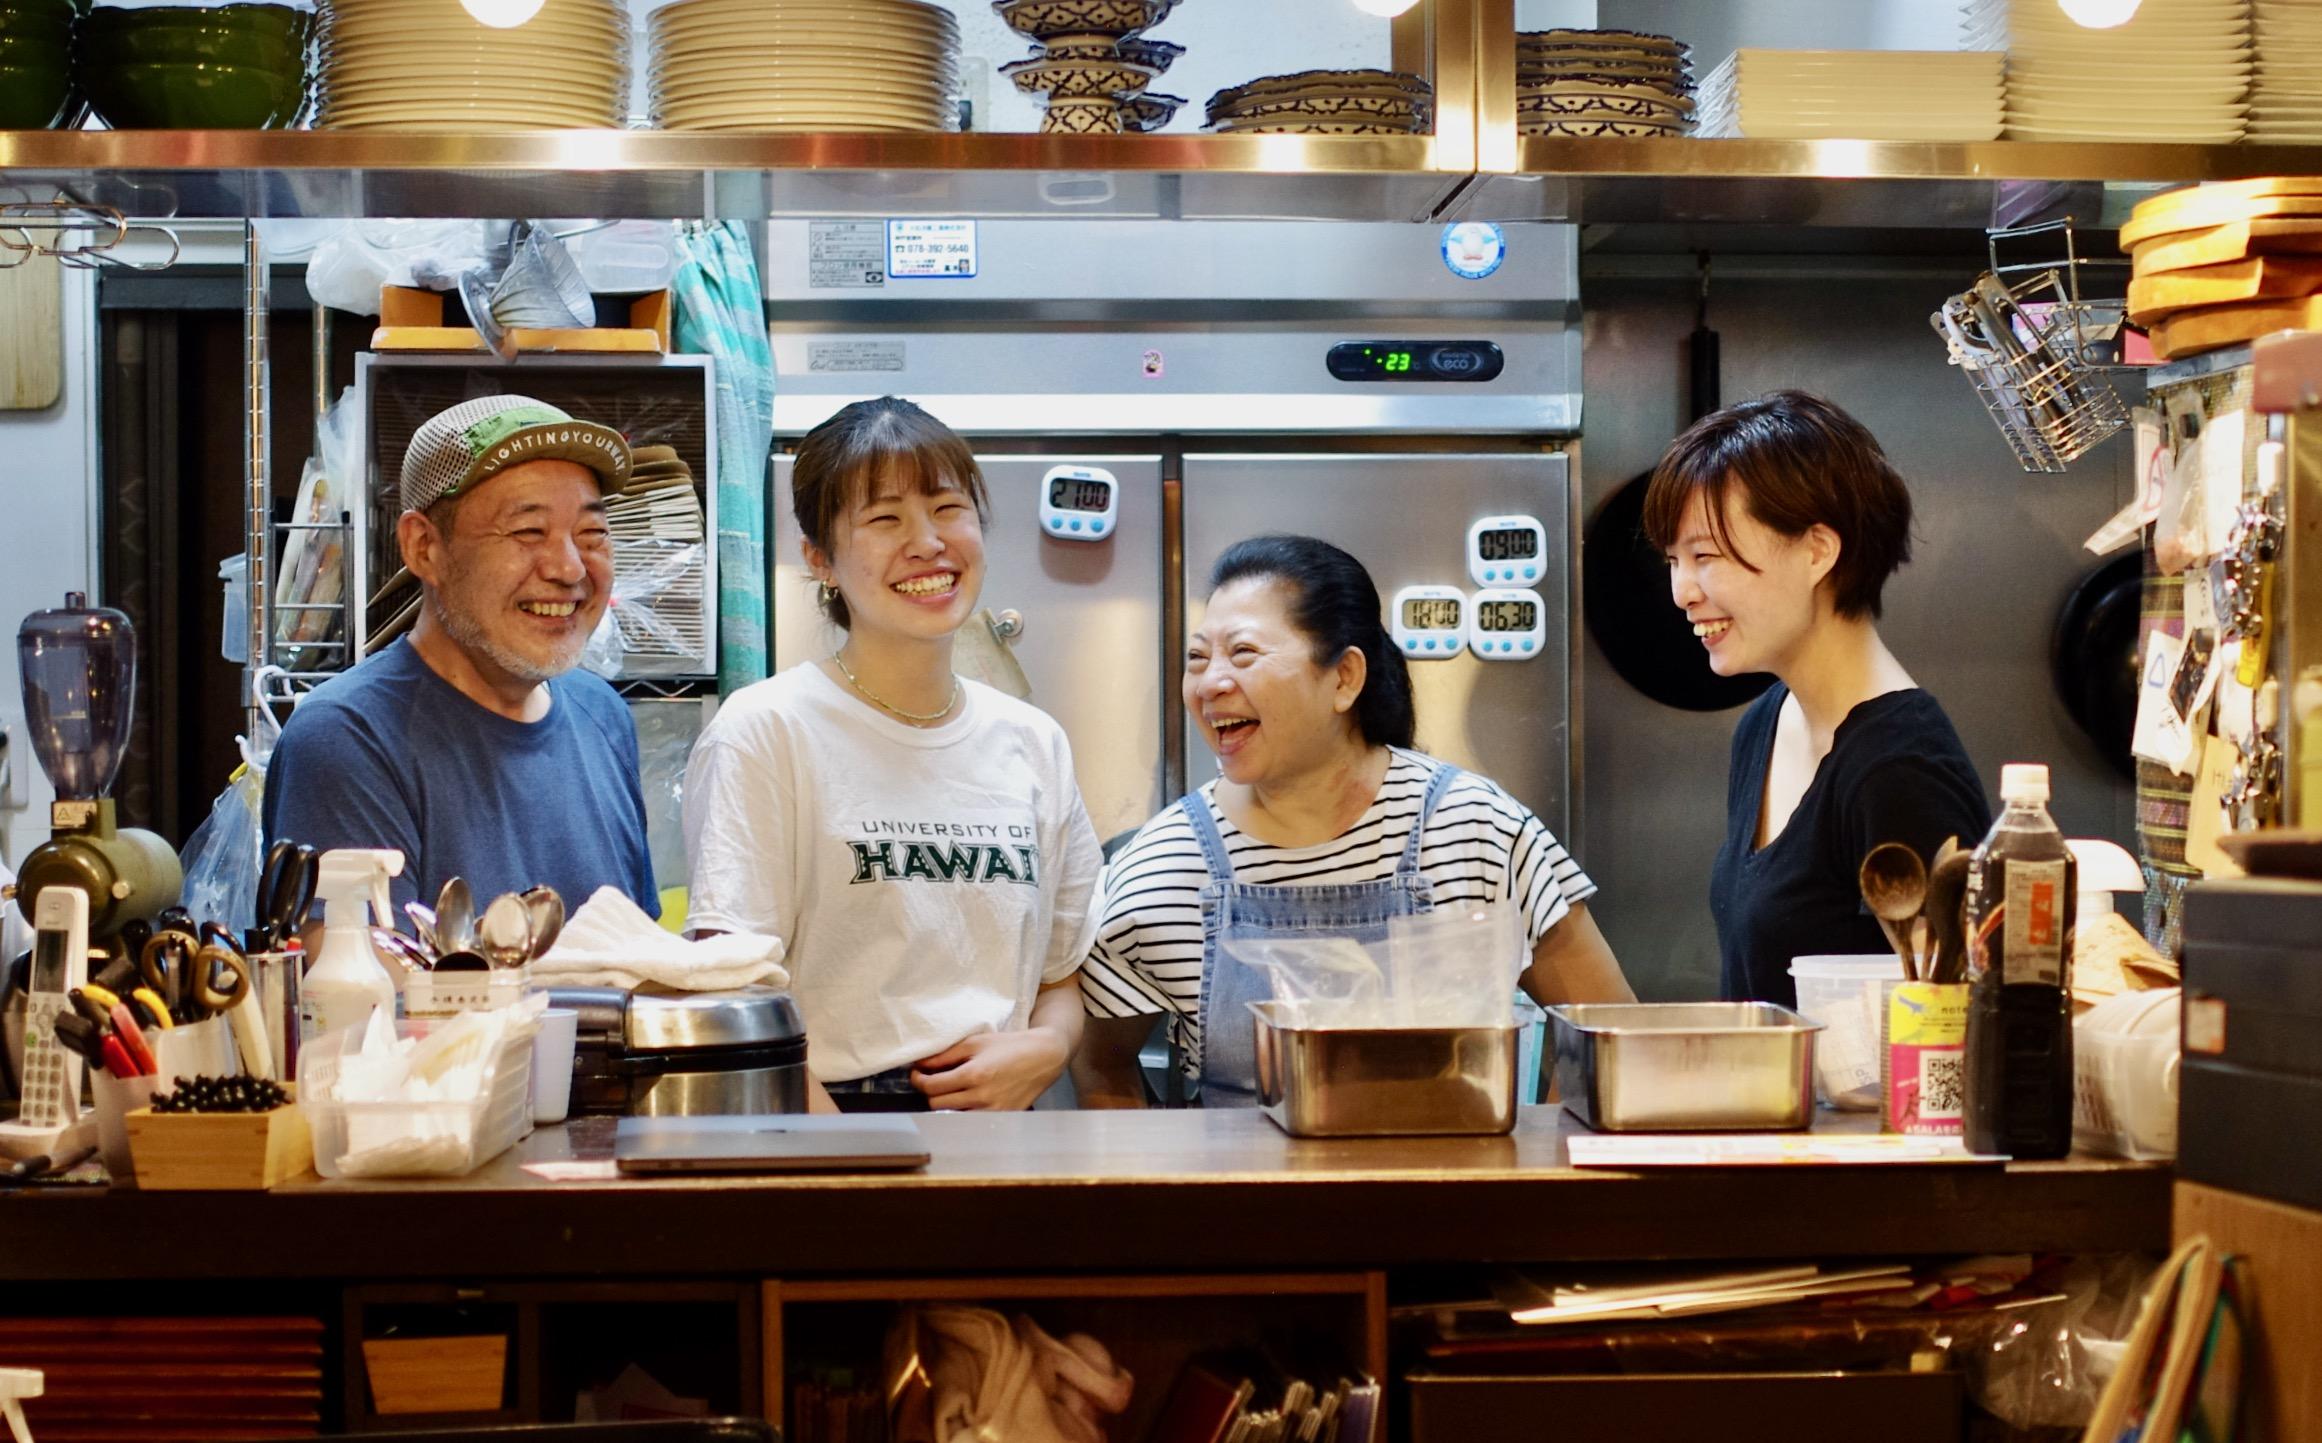 お互いを認め合うなら、好き嫌いがあってもいい。アジア人女性がシェフとして働く多国籍食堂「SALA」で高まり続けるエンパワーメントとは。